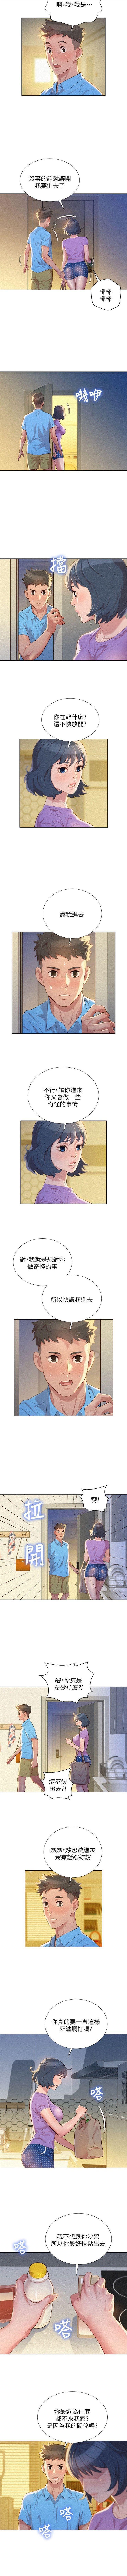 (周7)漂亮干姐姐  1-79 中文翻译 (更新中) 131